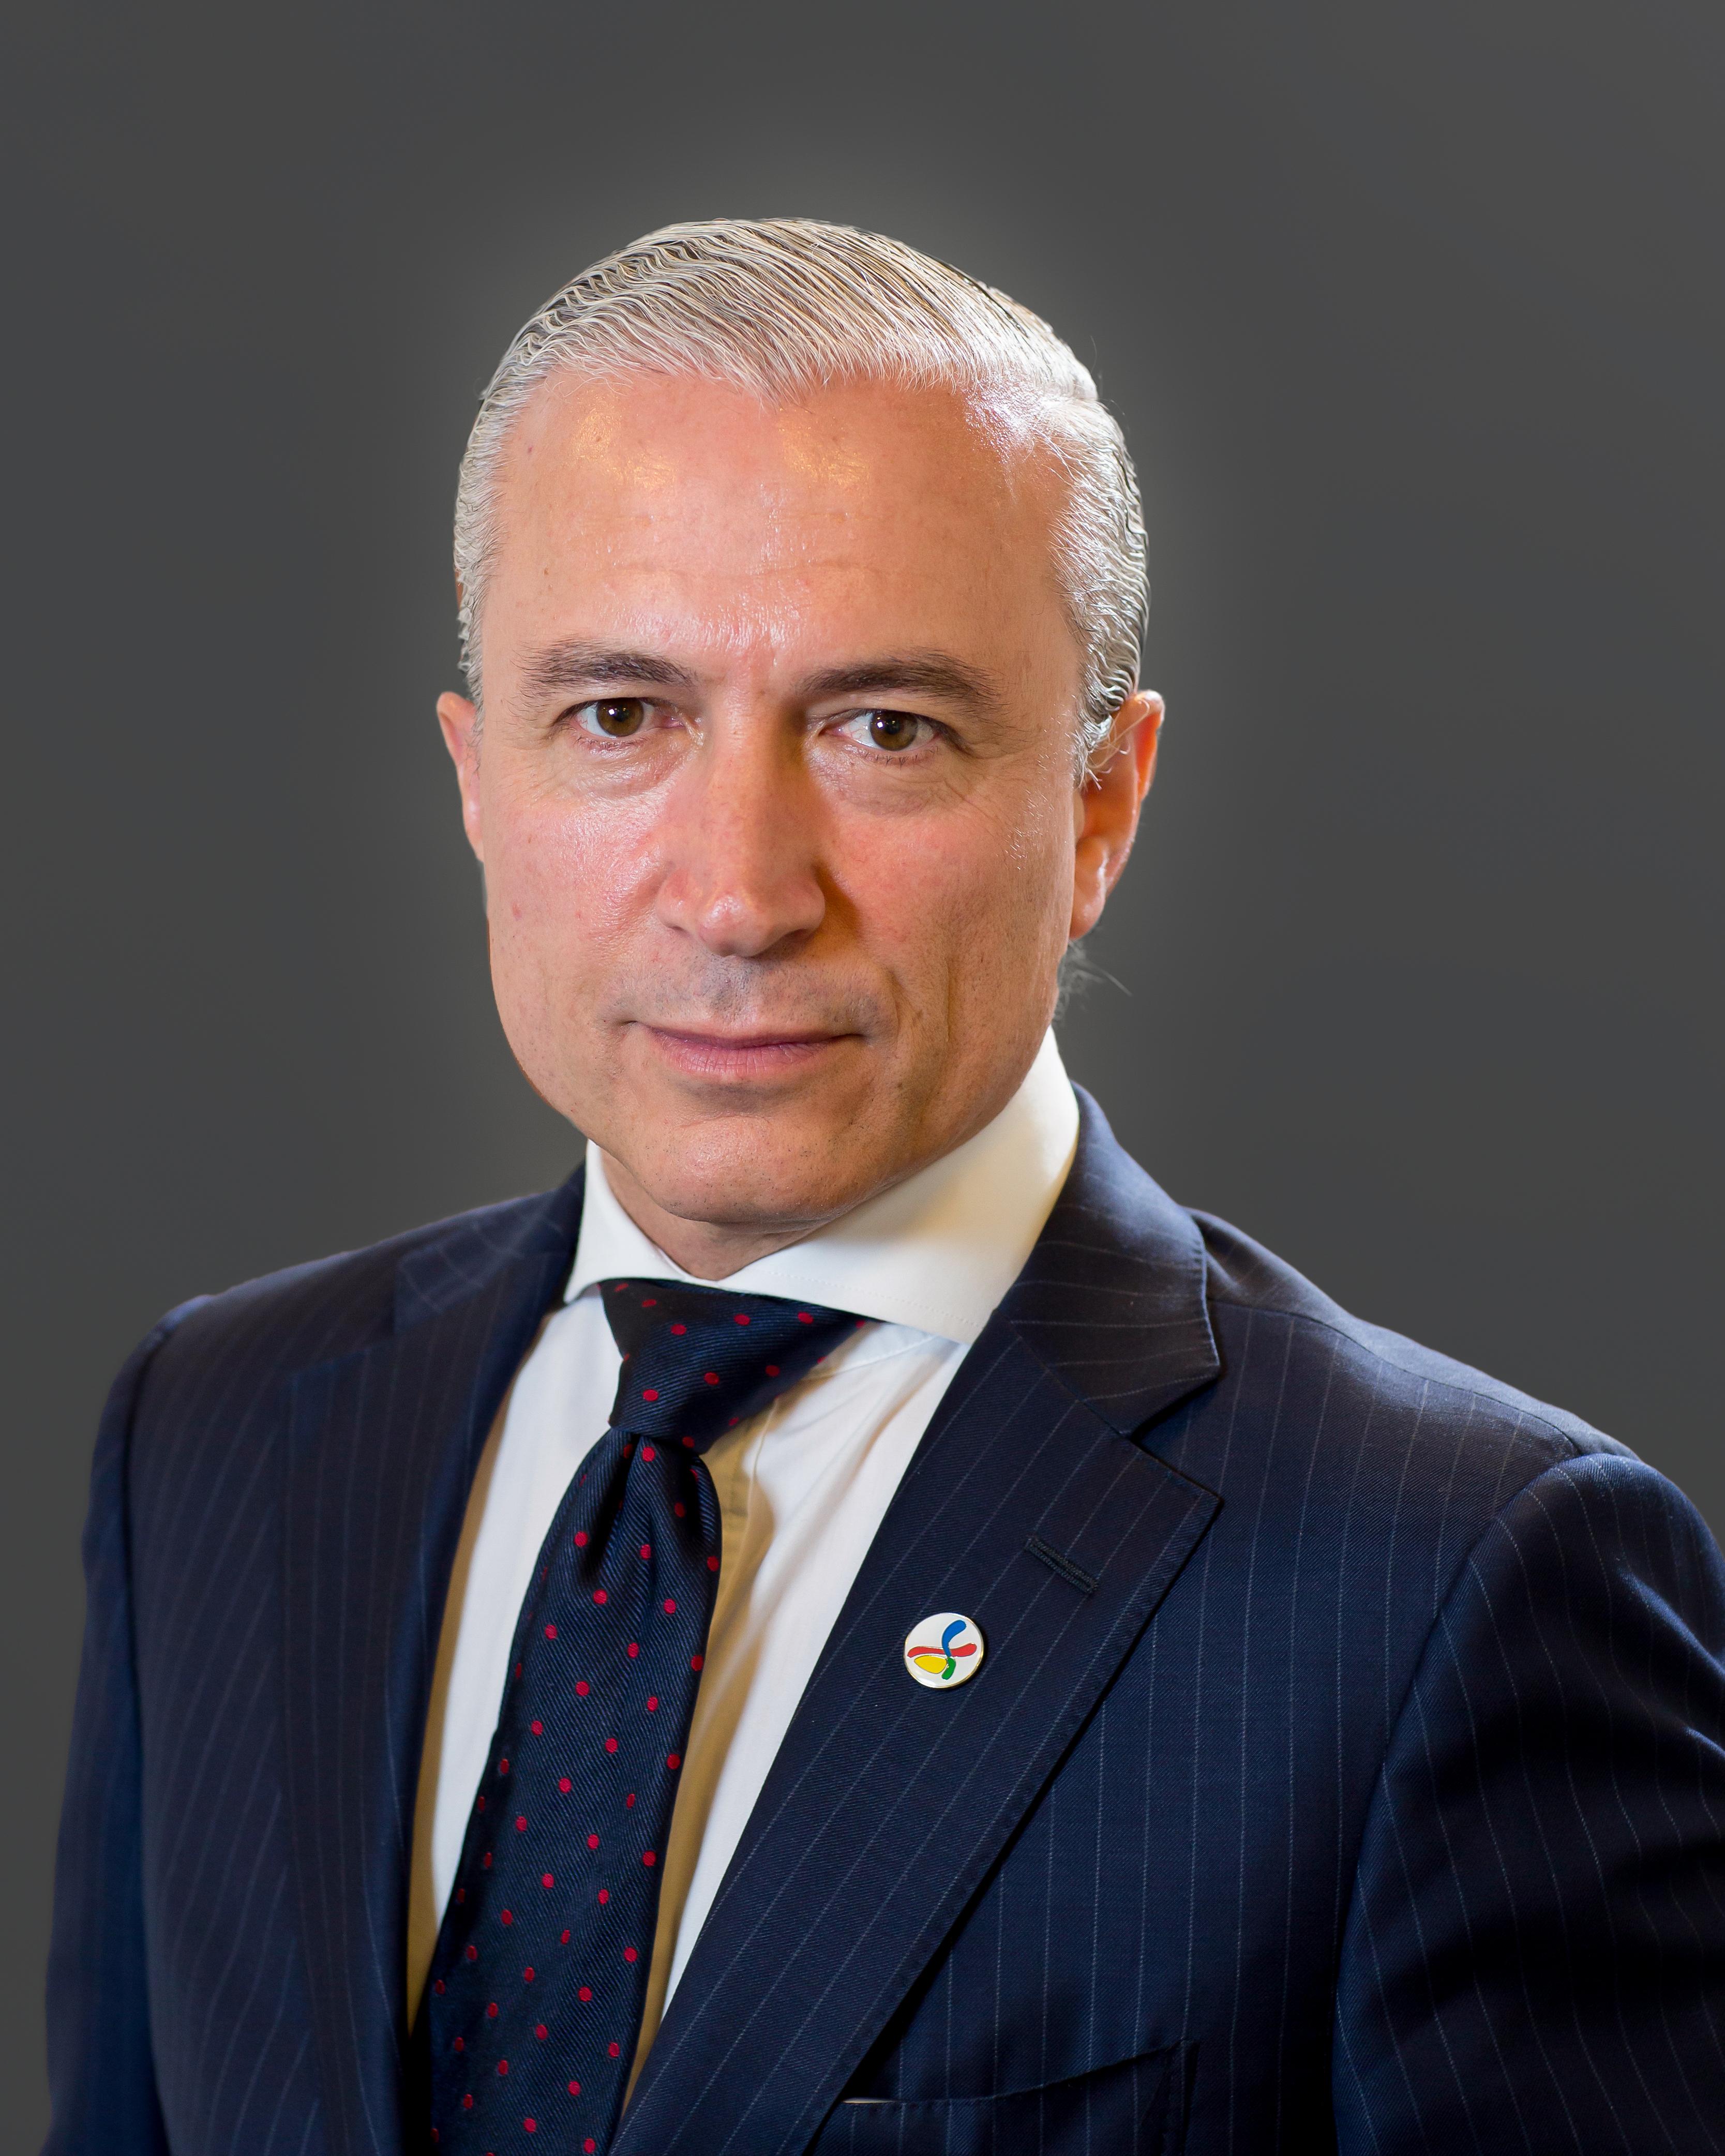 Francisco Garcia-Nieto